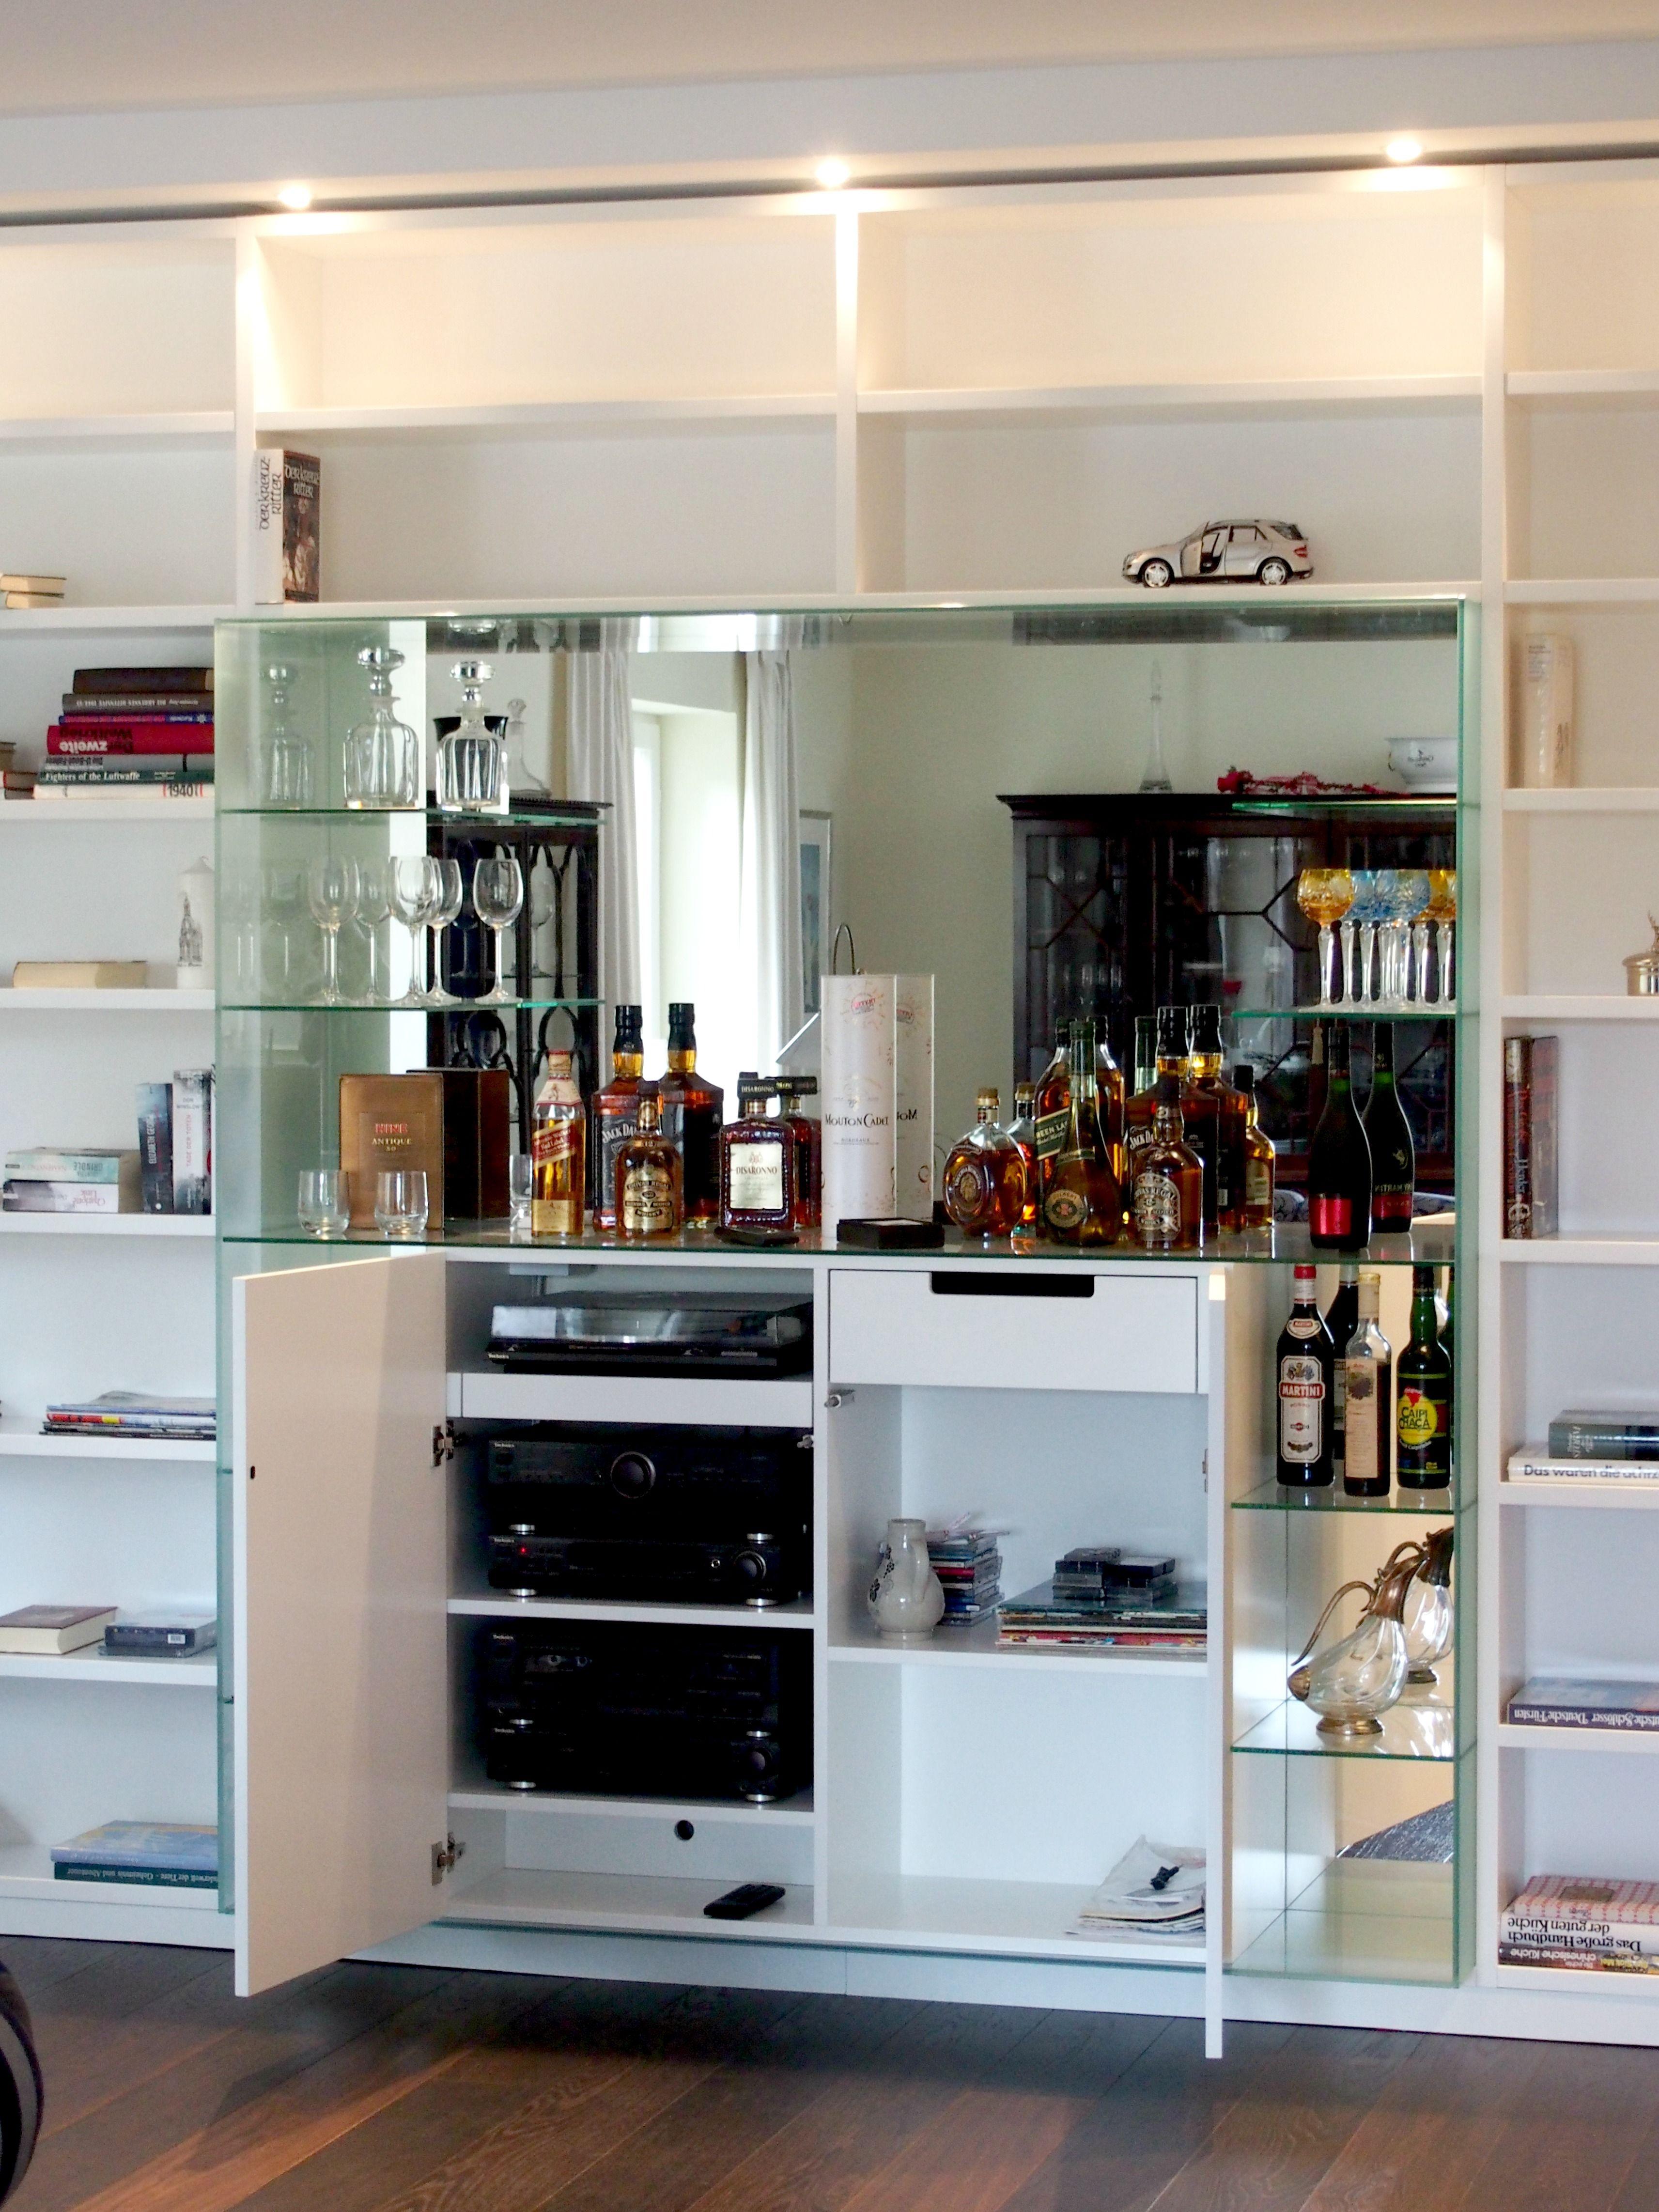 Maßanfertigung nach Entwürfen von Einrichtungsideen Yvette Sillo  www.einrichtungsideen.net